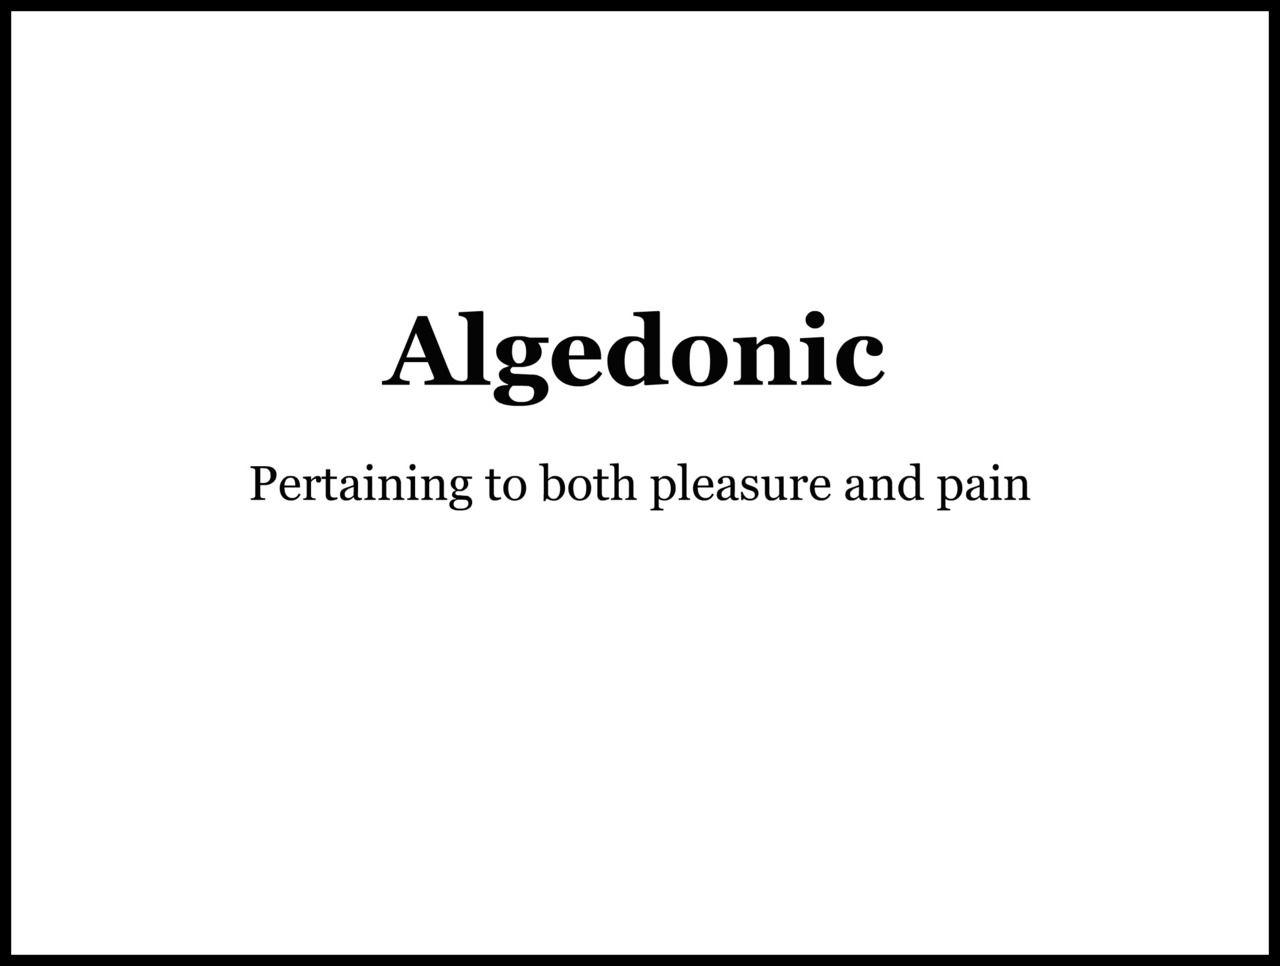 Algedonic